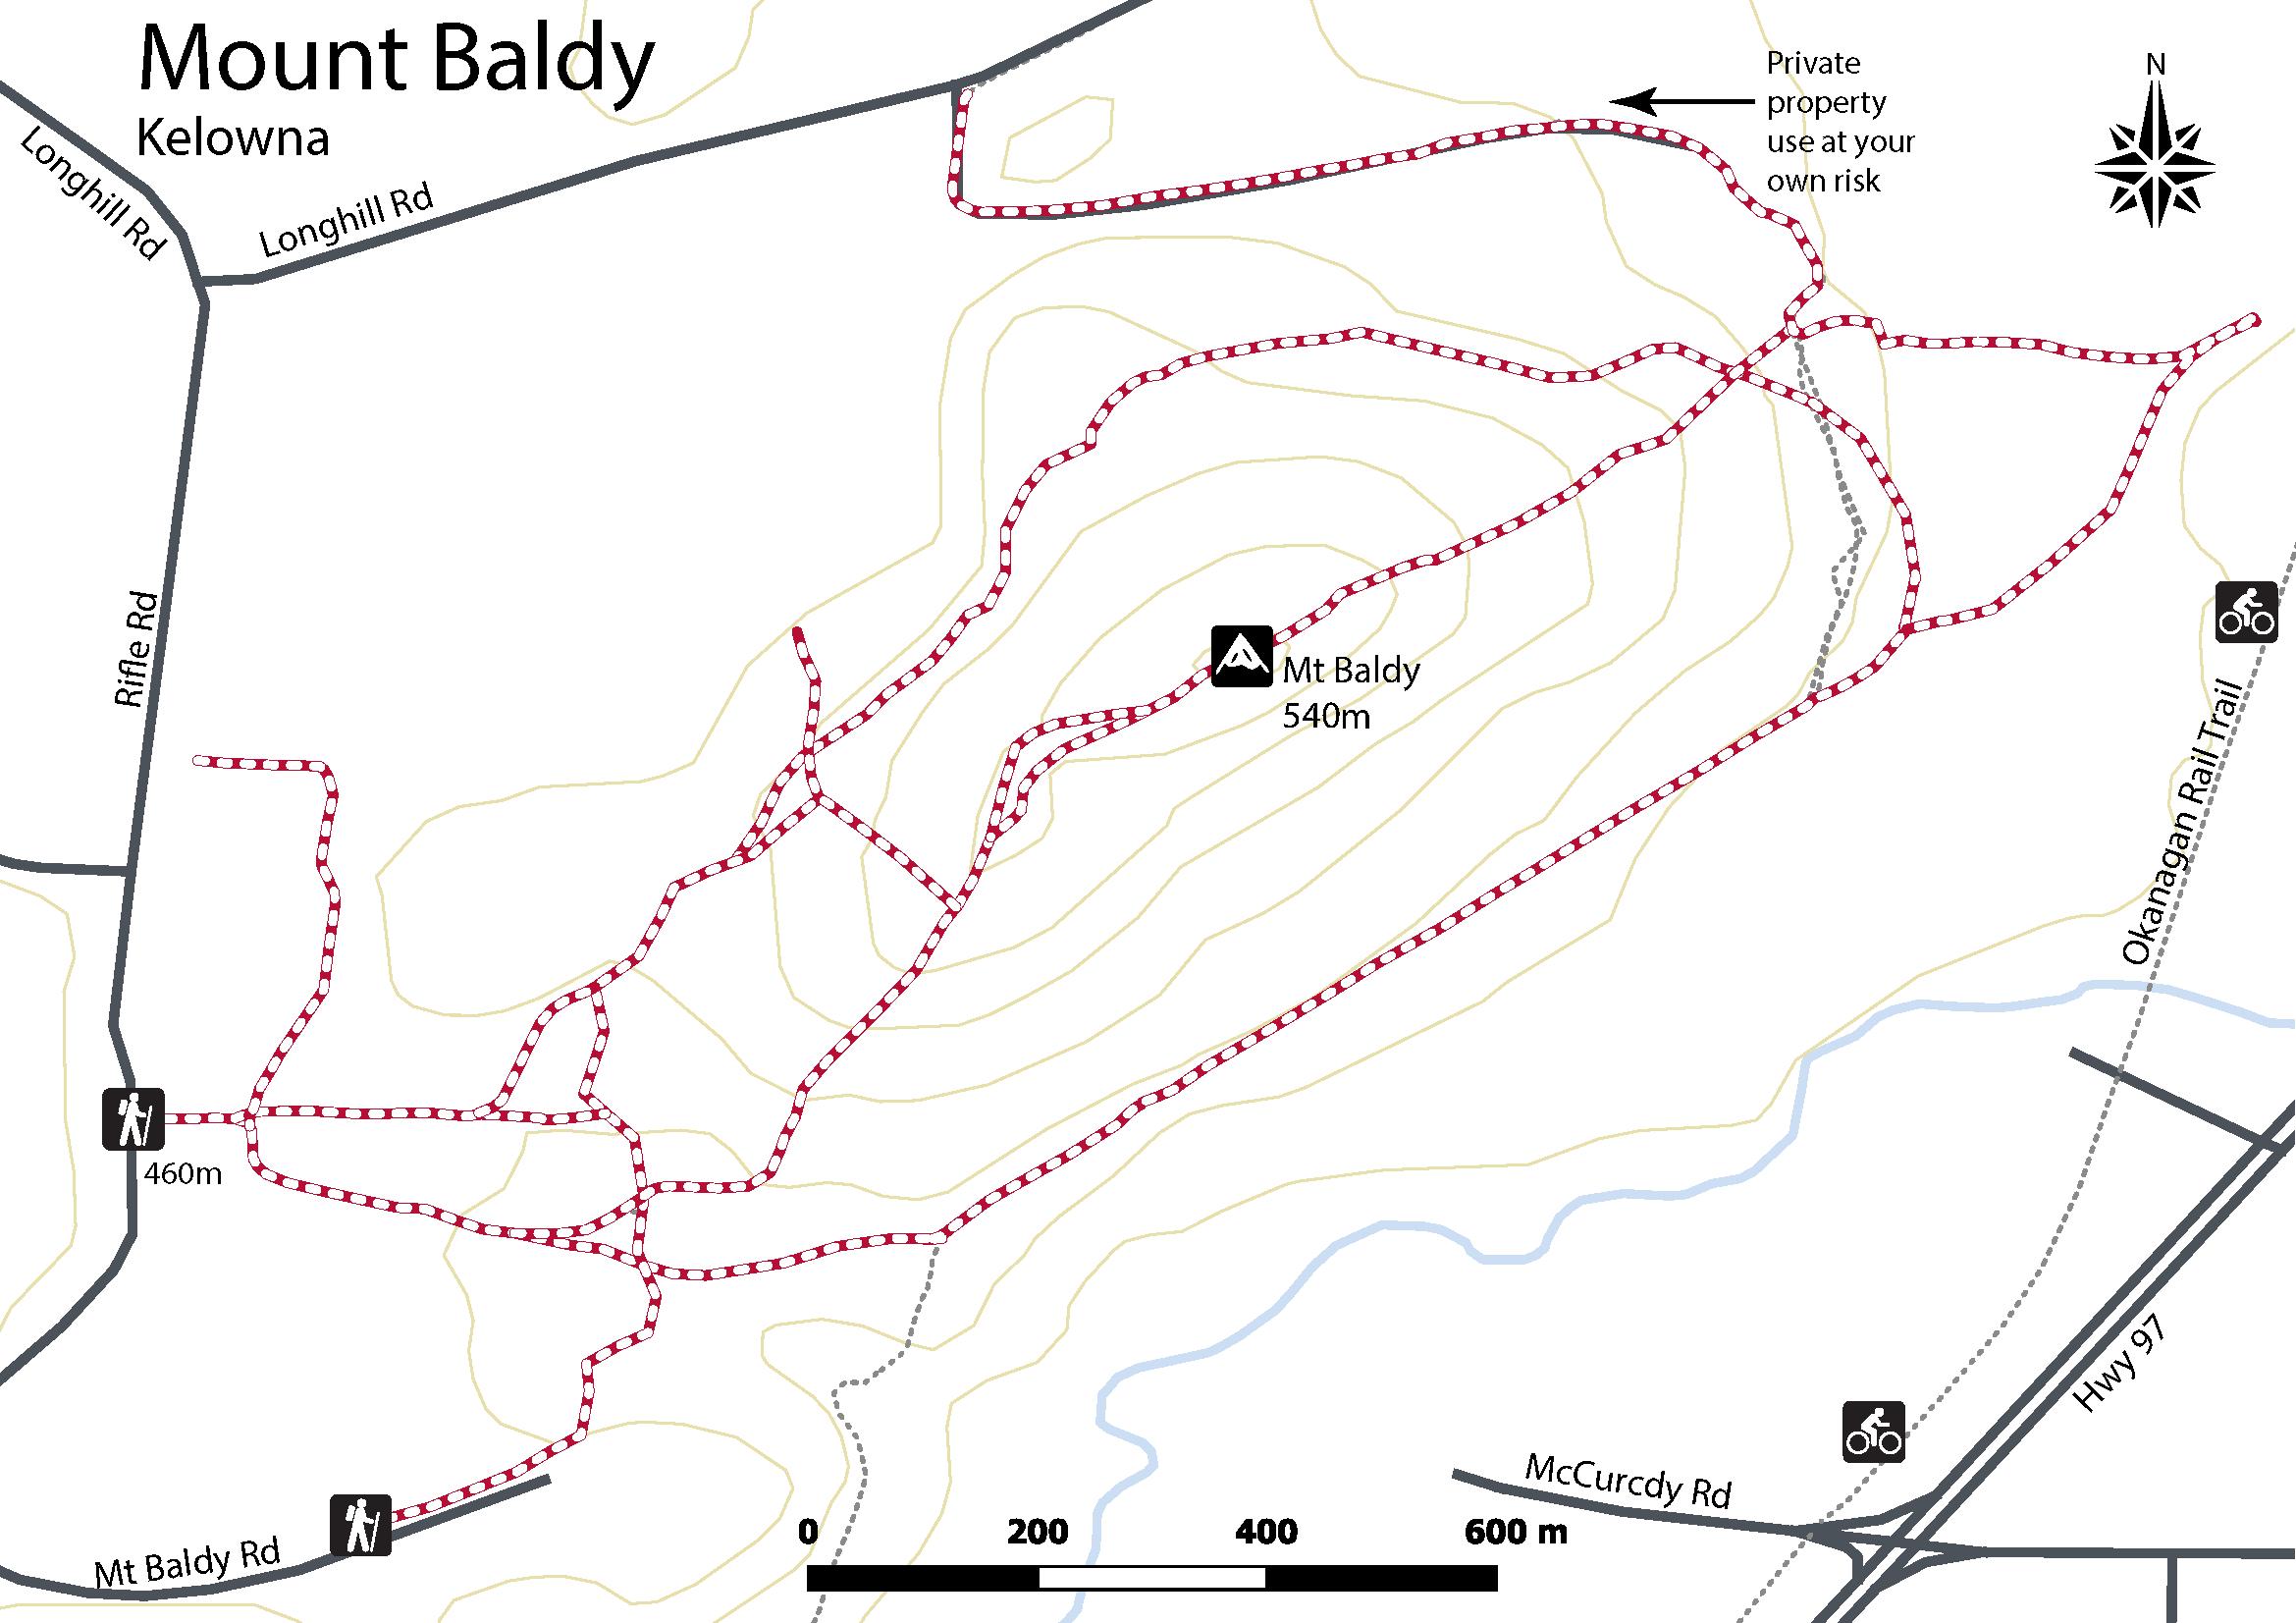 Mt Baldy in Kelowna